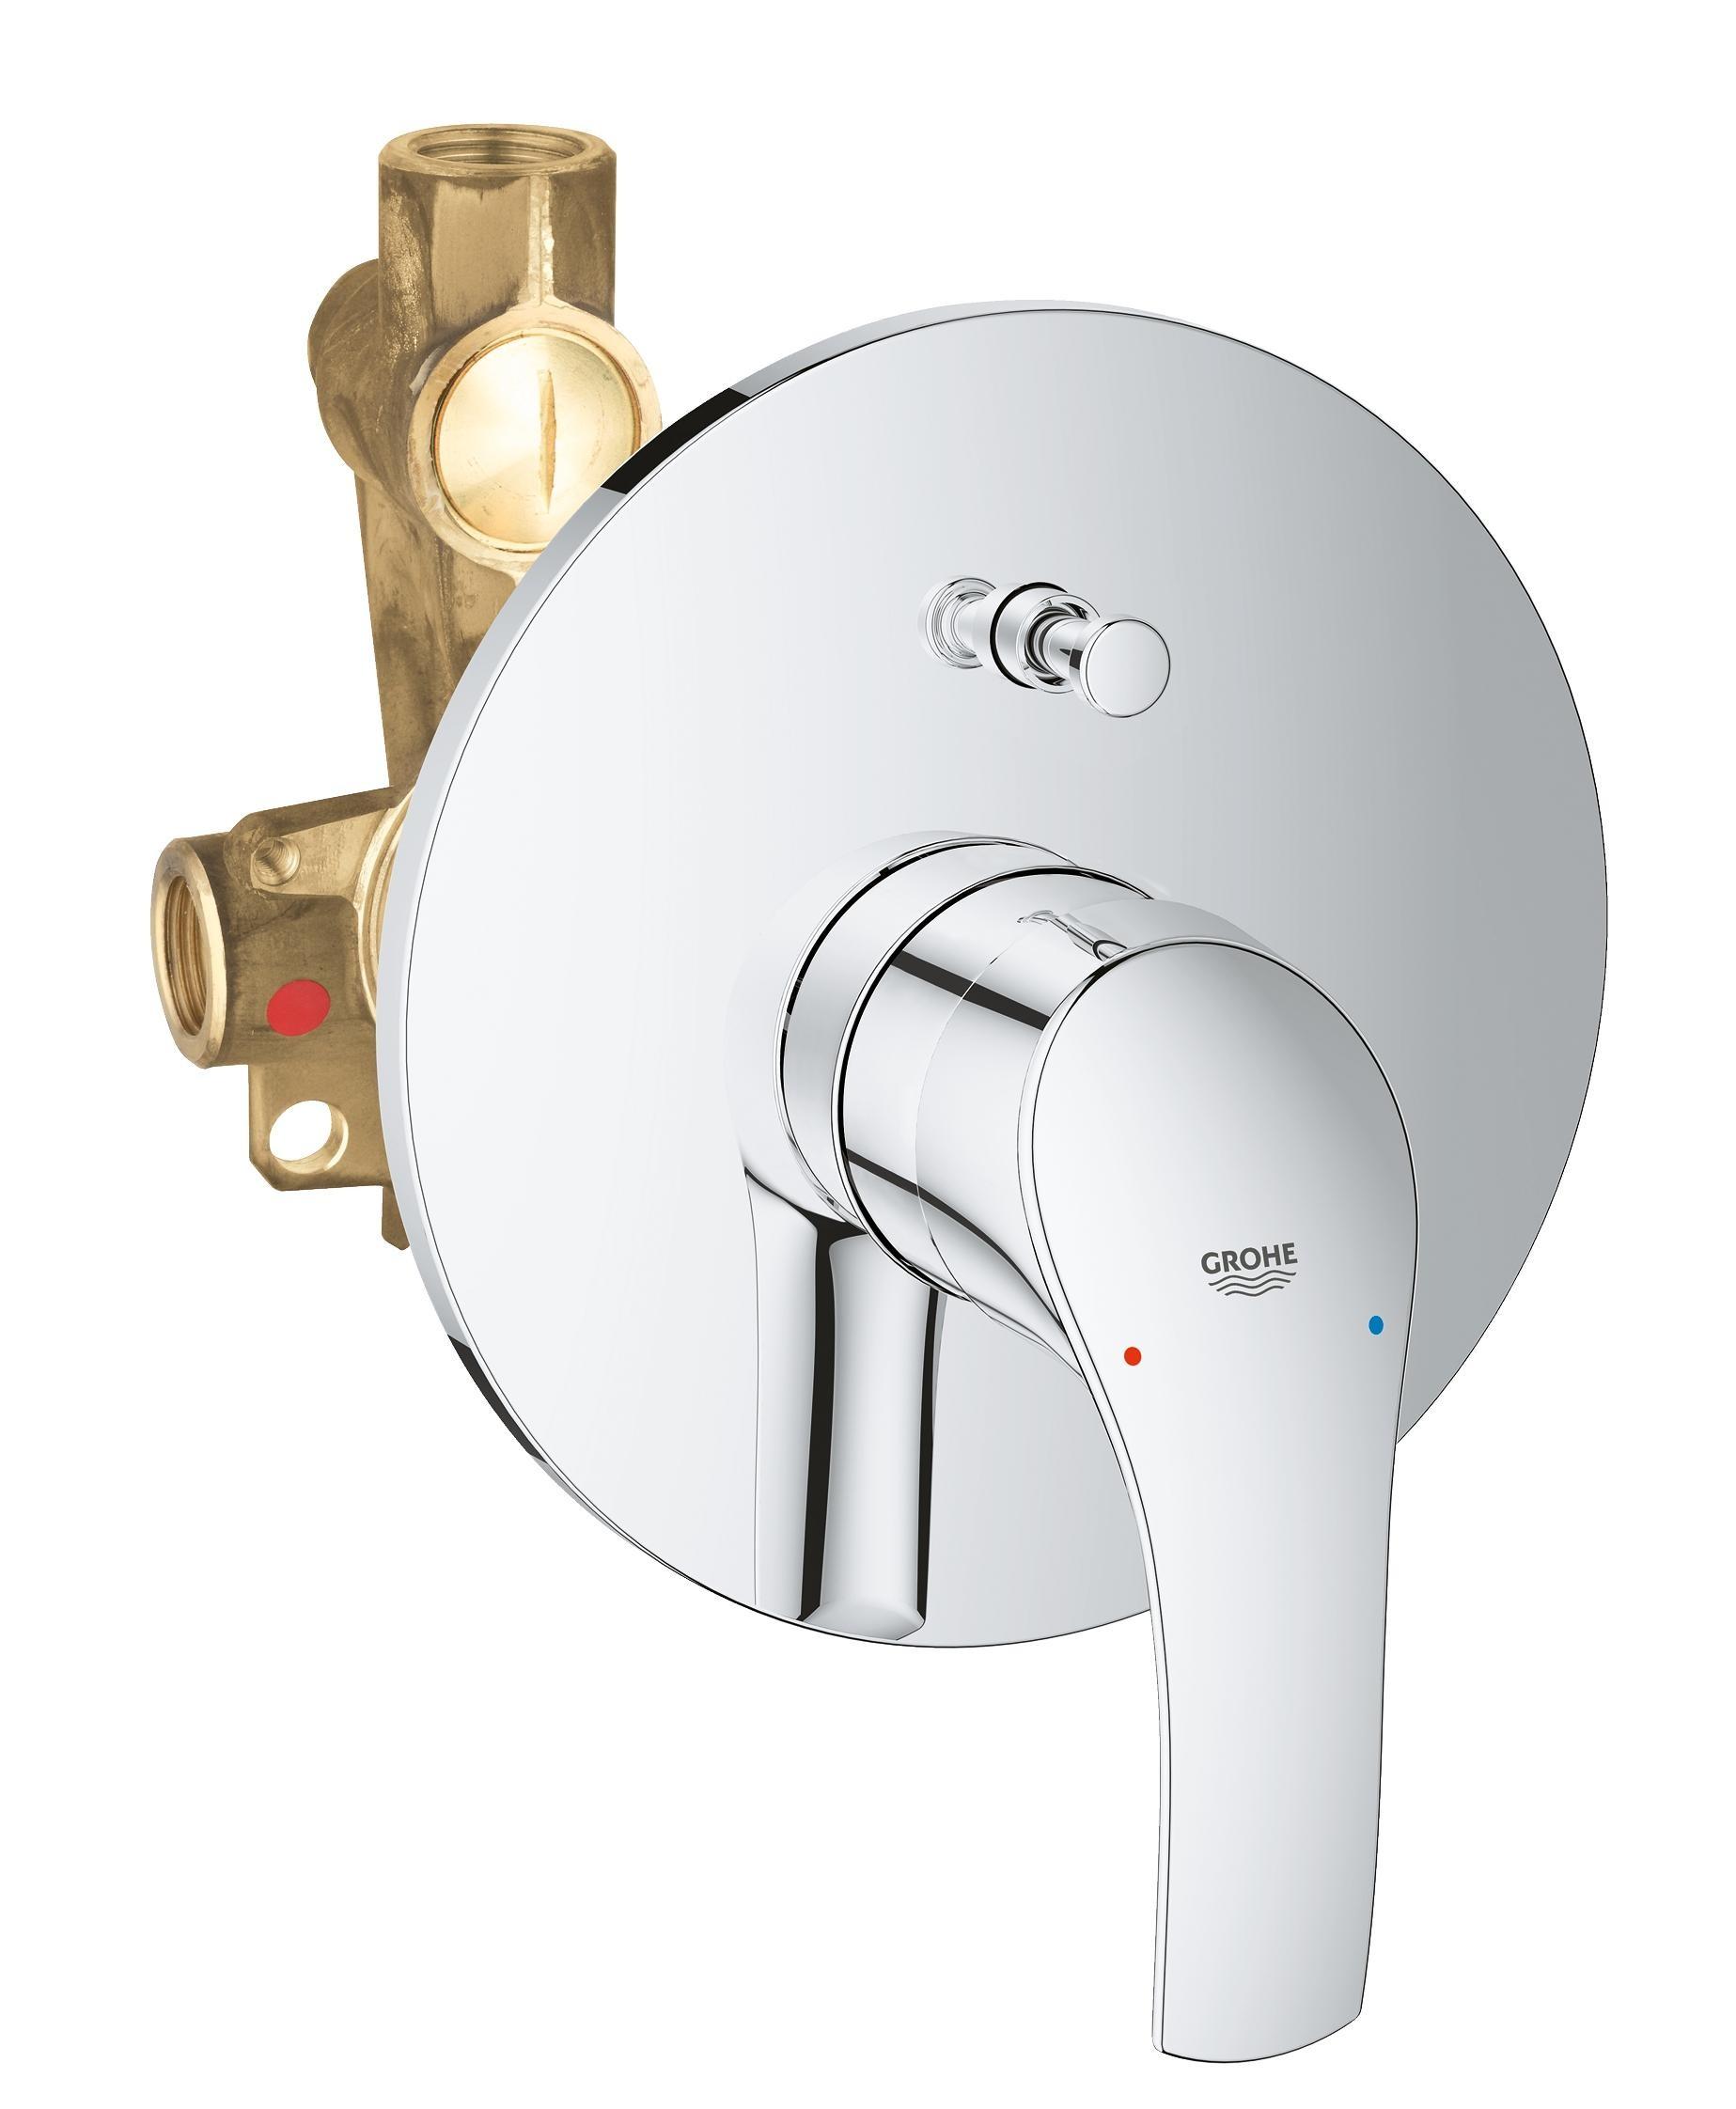 Купить Смеситель для ванны Grohe Eurosmart New встраиваемый (со встроенным механизмом) 33305002, Германия